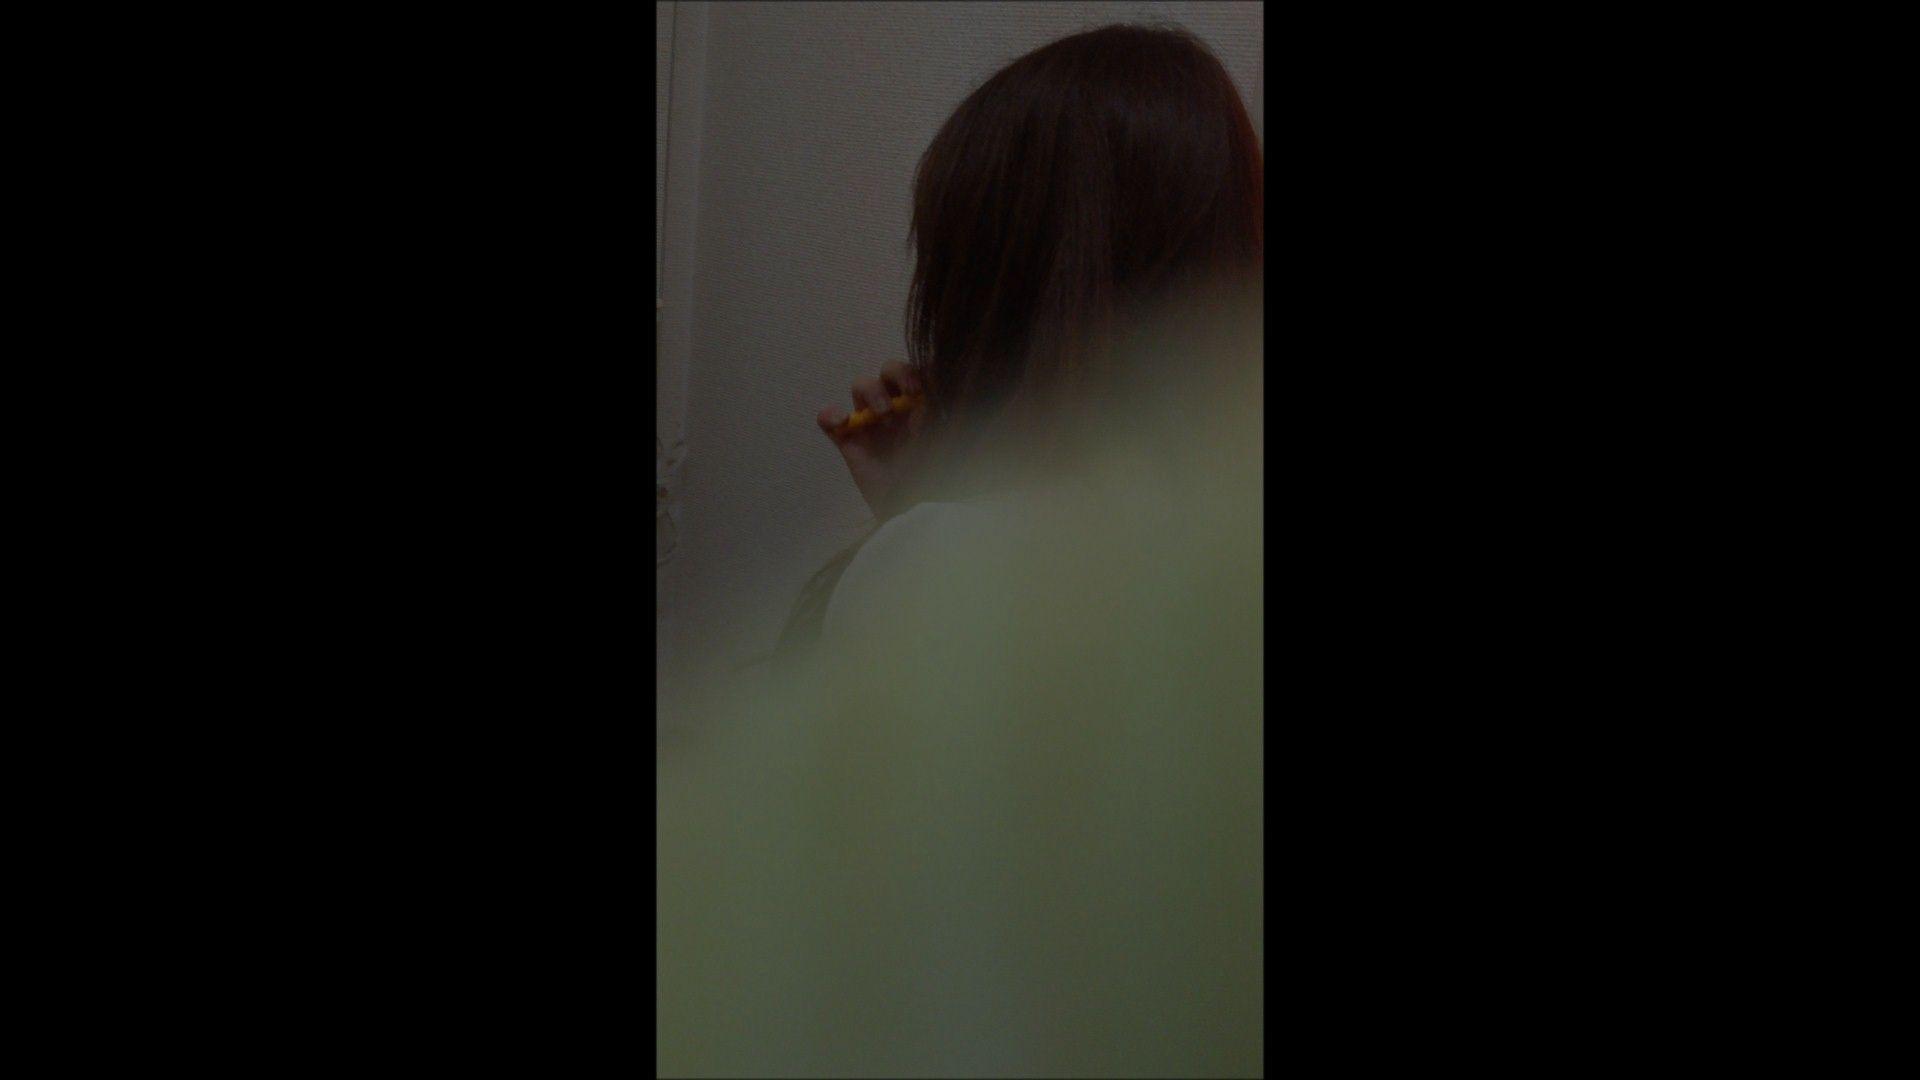 08(8日目)メイク中の彼女の顔を撮りました! 盗撮大放出 性交動画流出 51連発 6